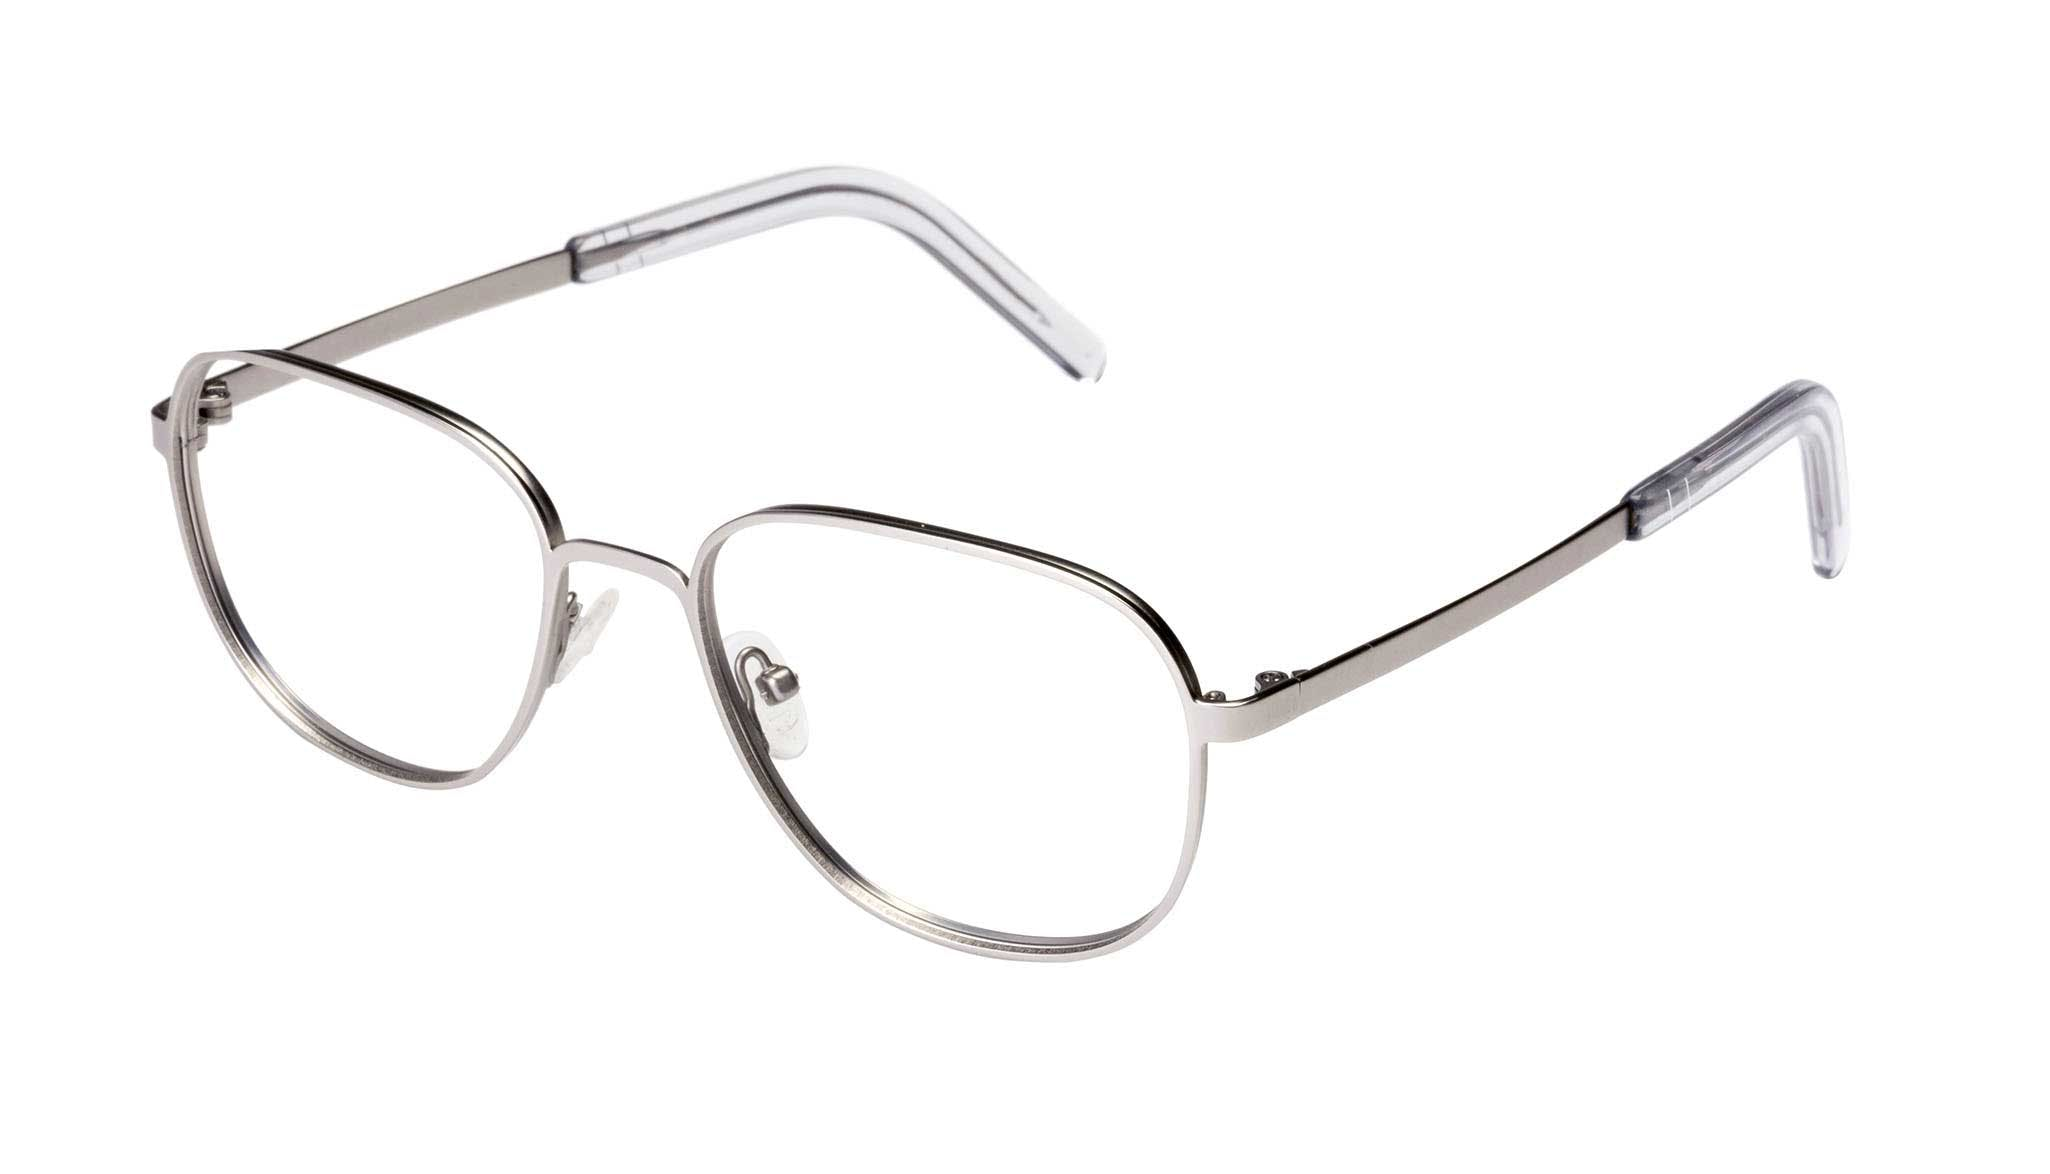 Affordable Fashion Glasses Rectangle Square Eyeglasses Men Line Silver Matte Tilt